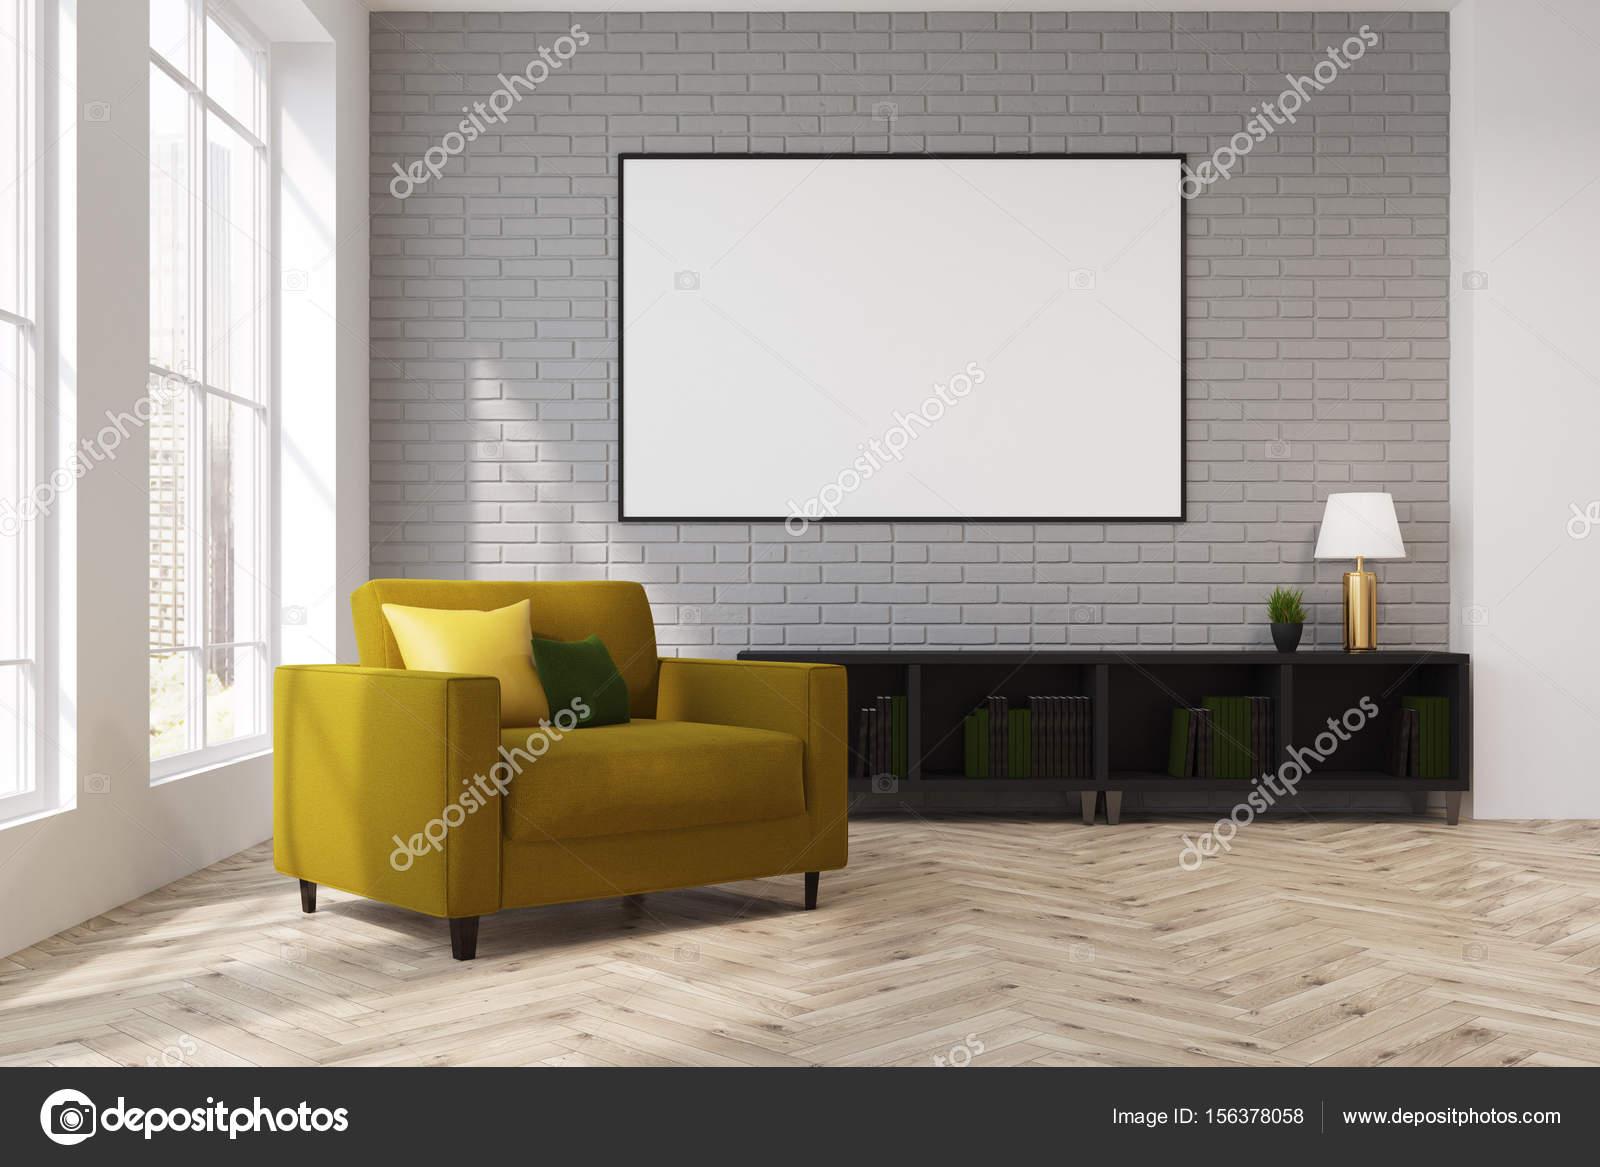 Graue Wohnzimmer mit einem gelben Sessel, Plakat — Stockfoto ...